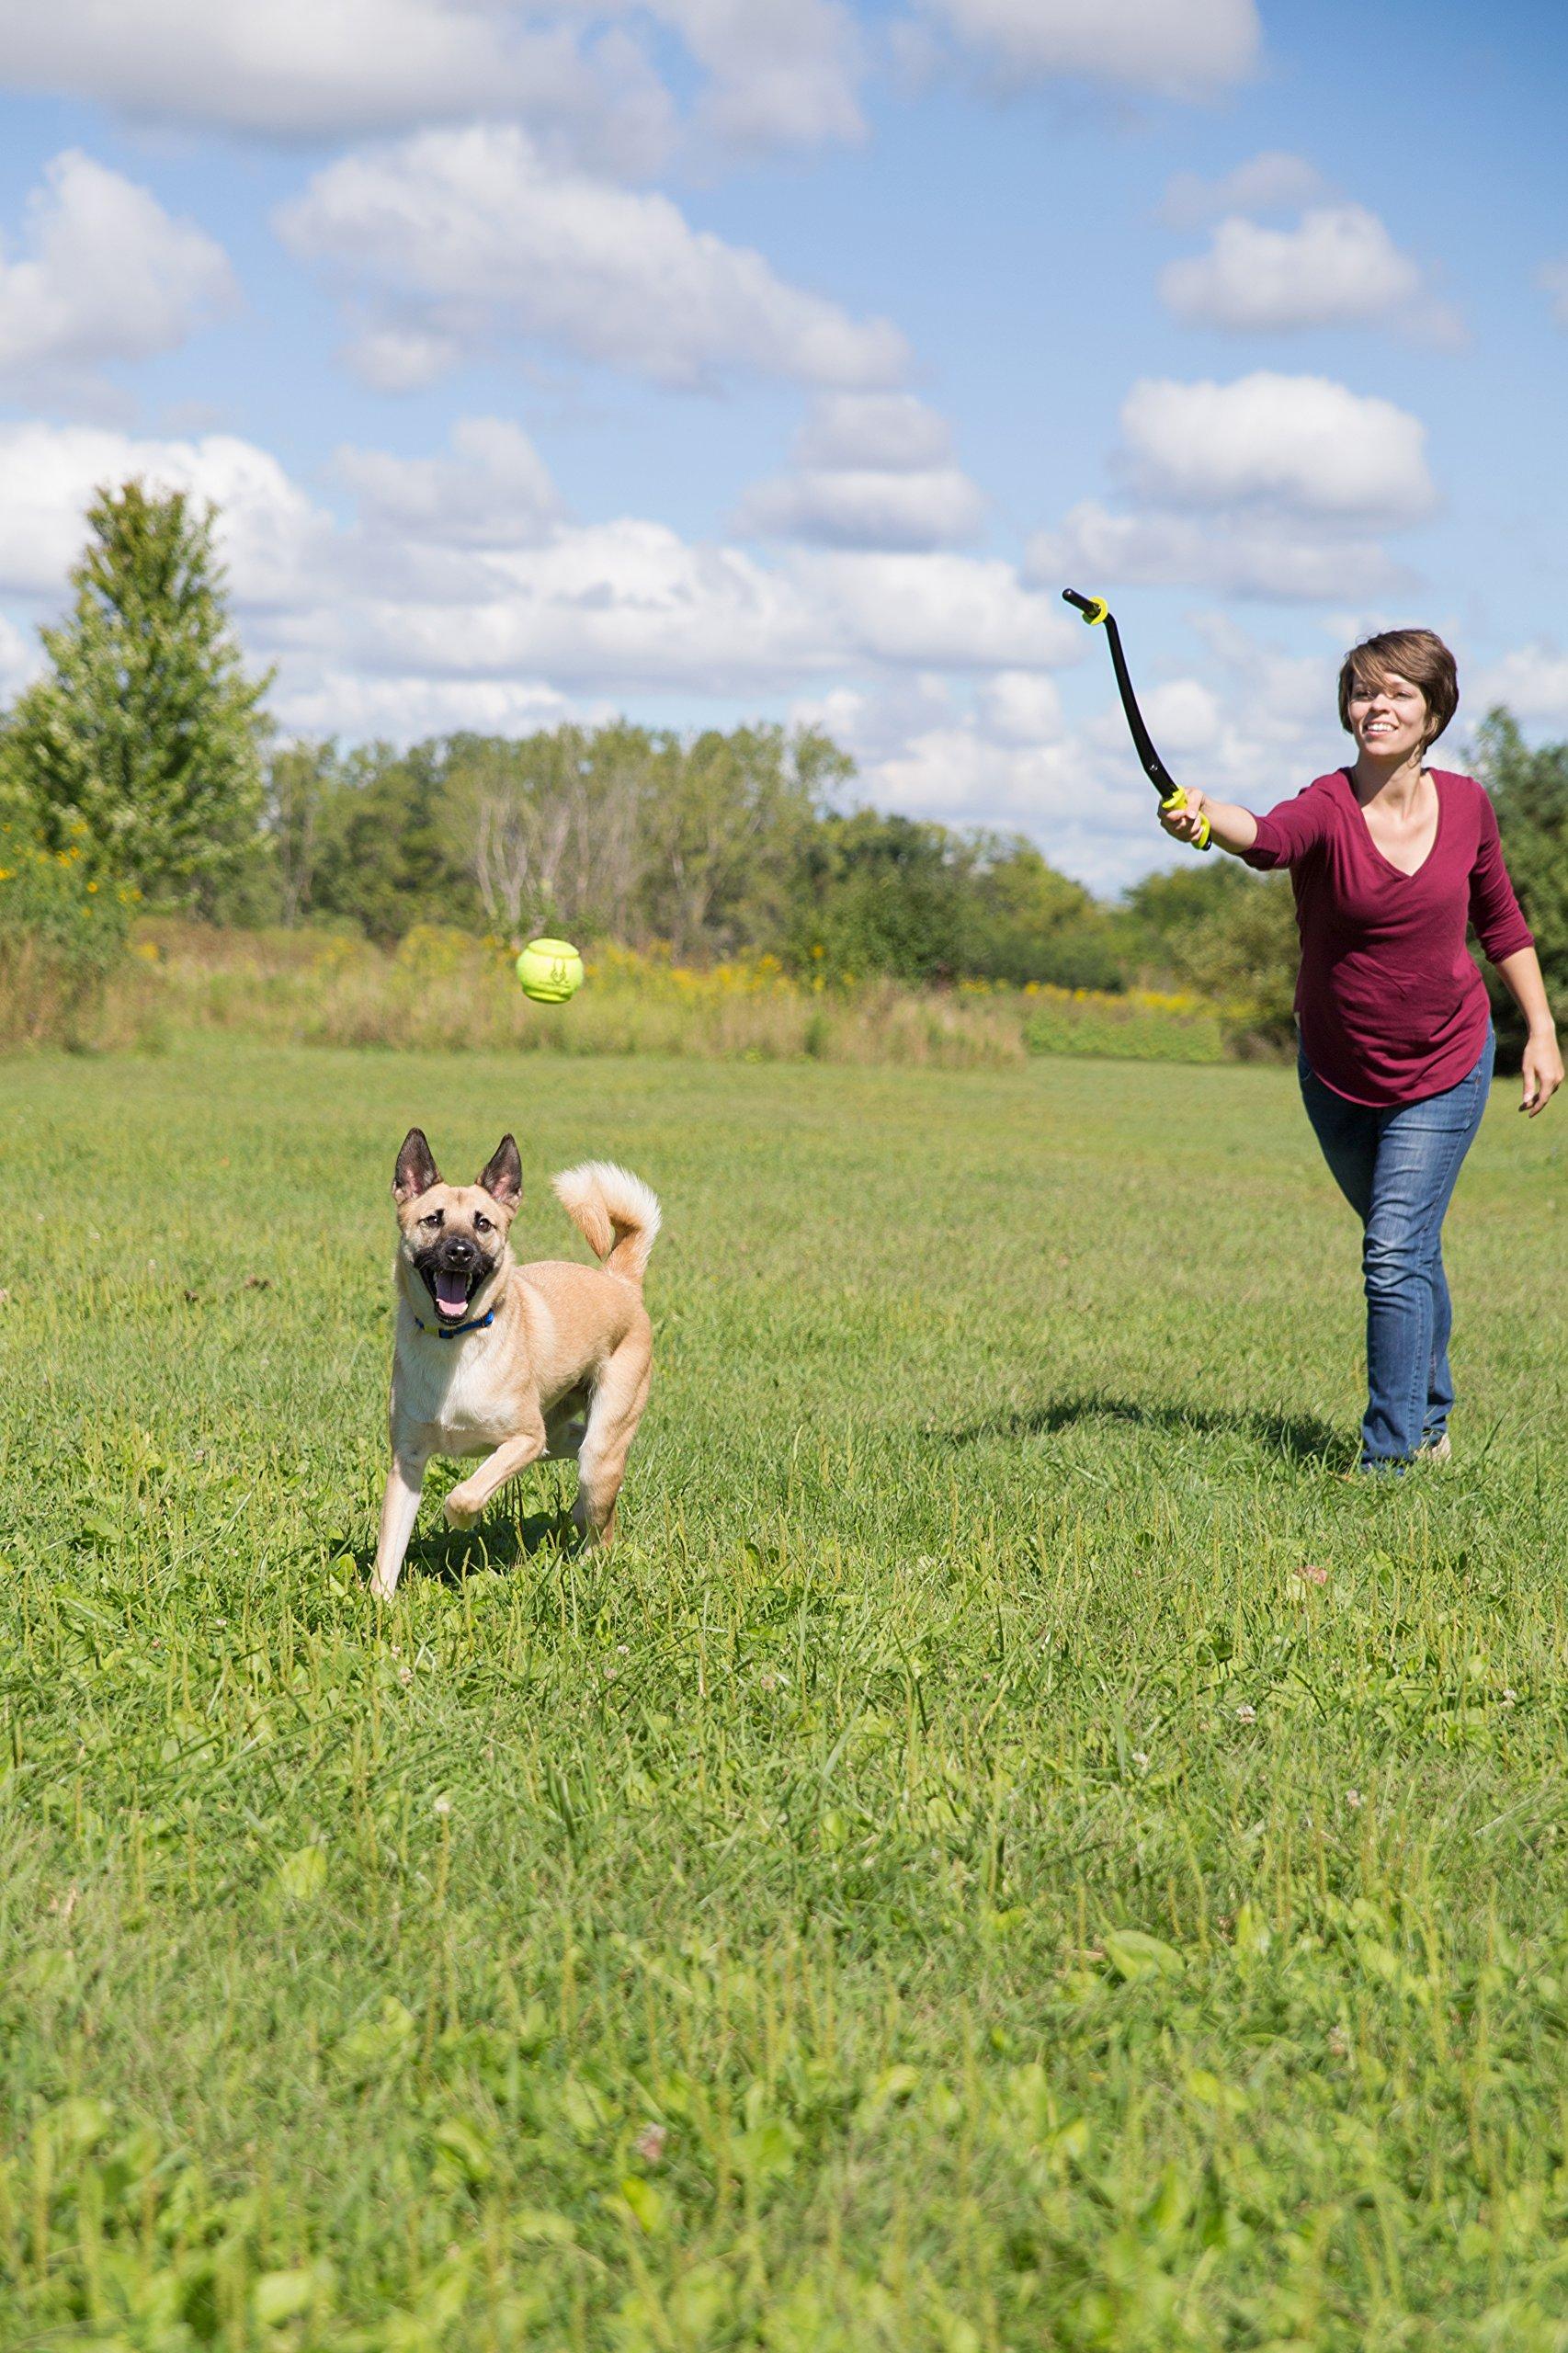 Hyper Pet Fling Pro Replacement Ball, Green